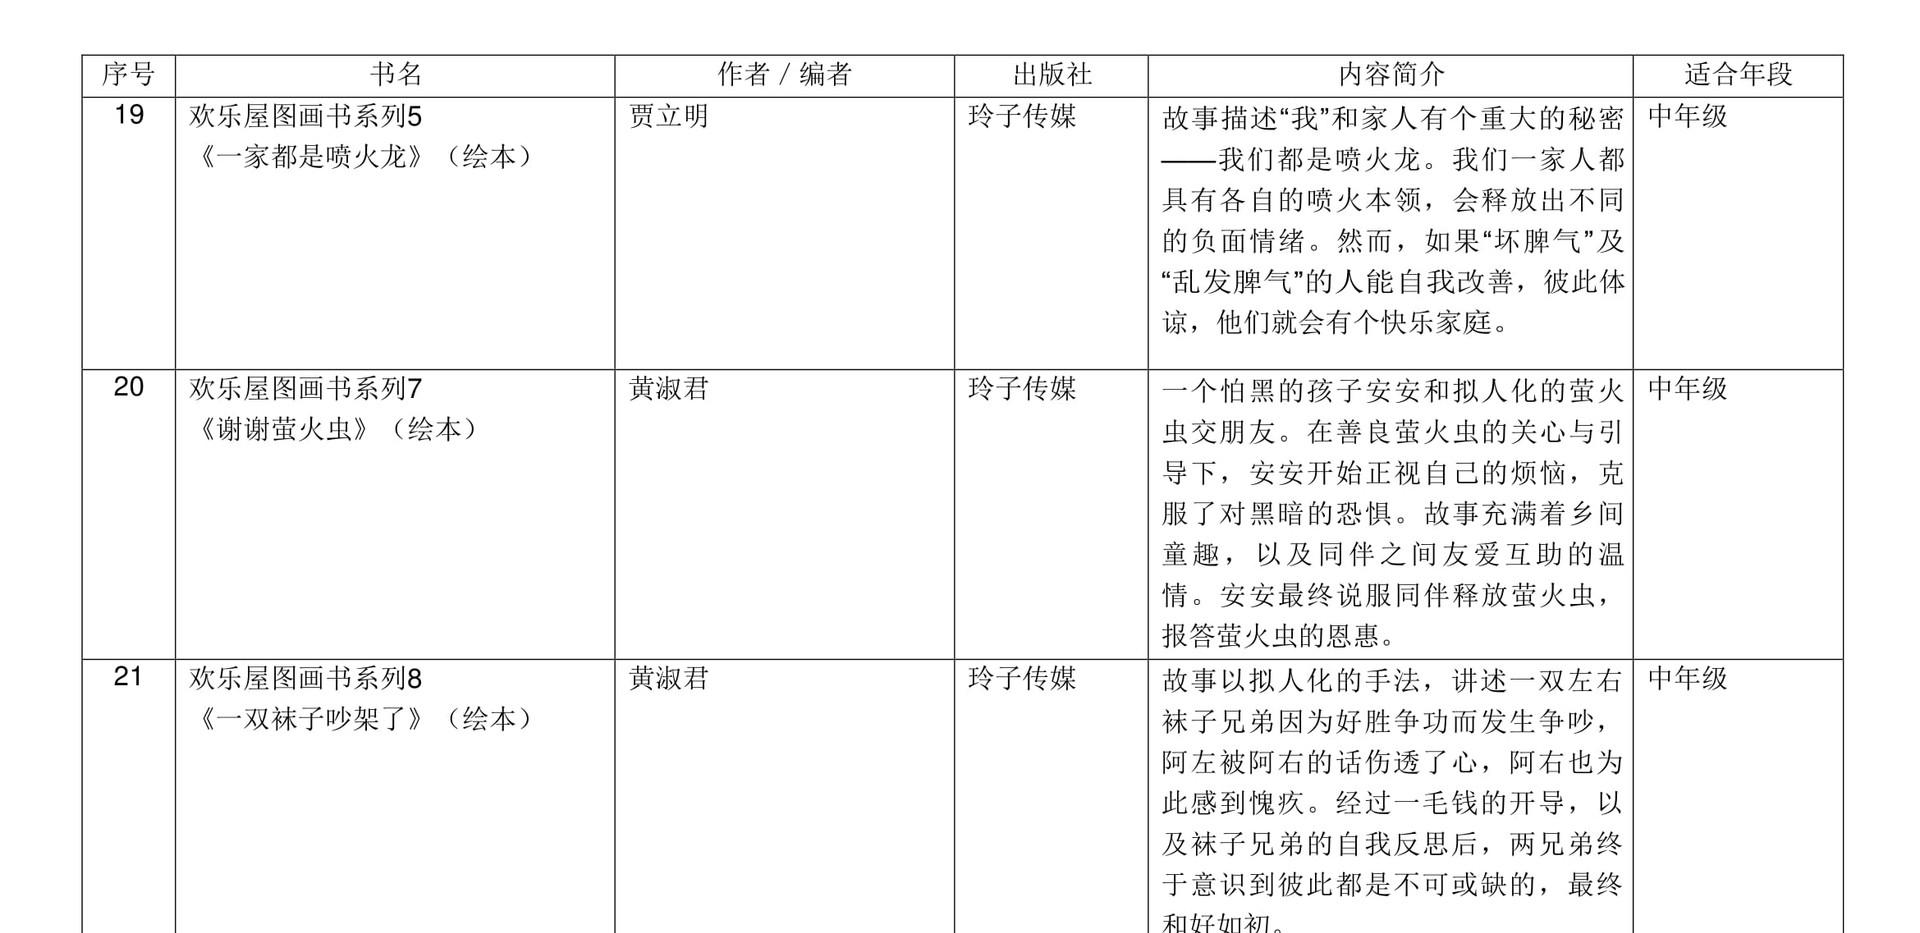 小学华文课外读物参考书目7.jpg